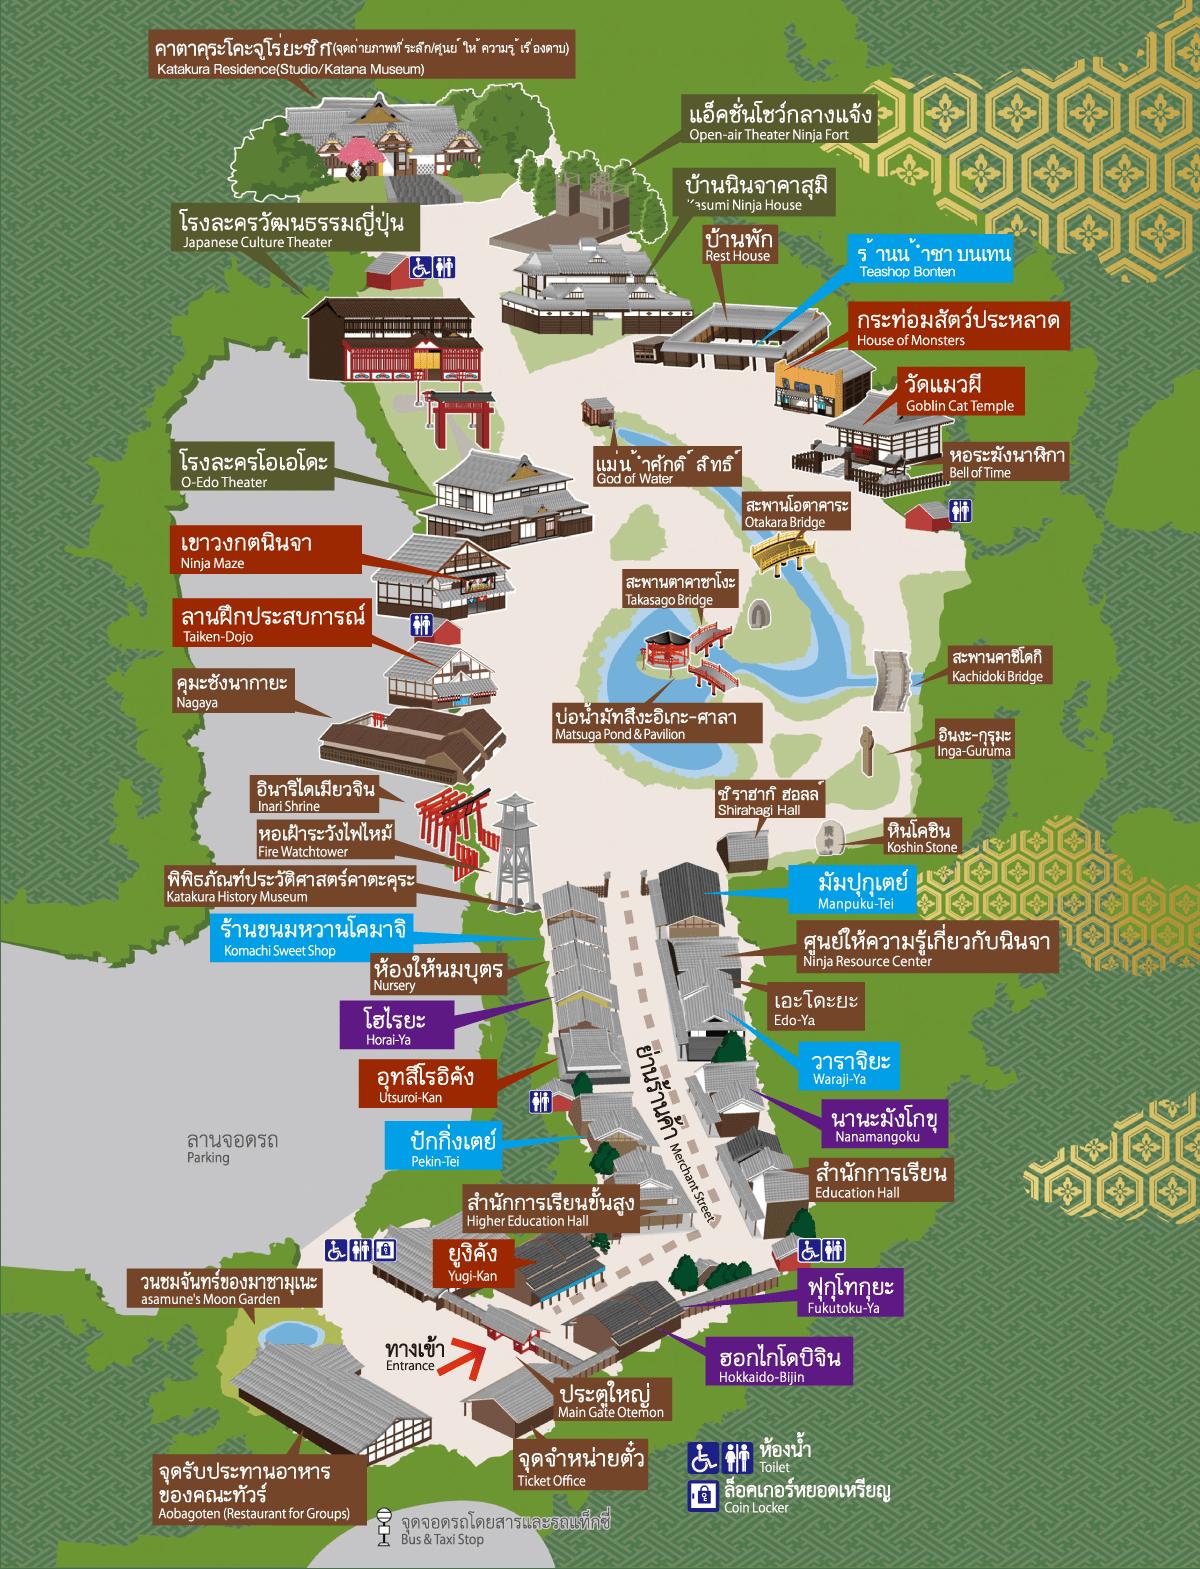 แผนที่ภายในหมู่บ้าน